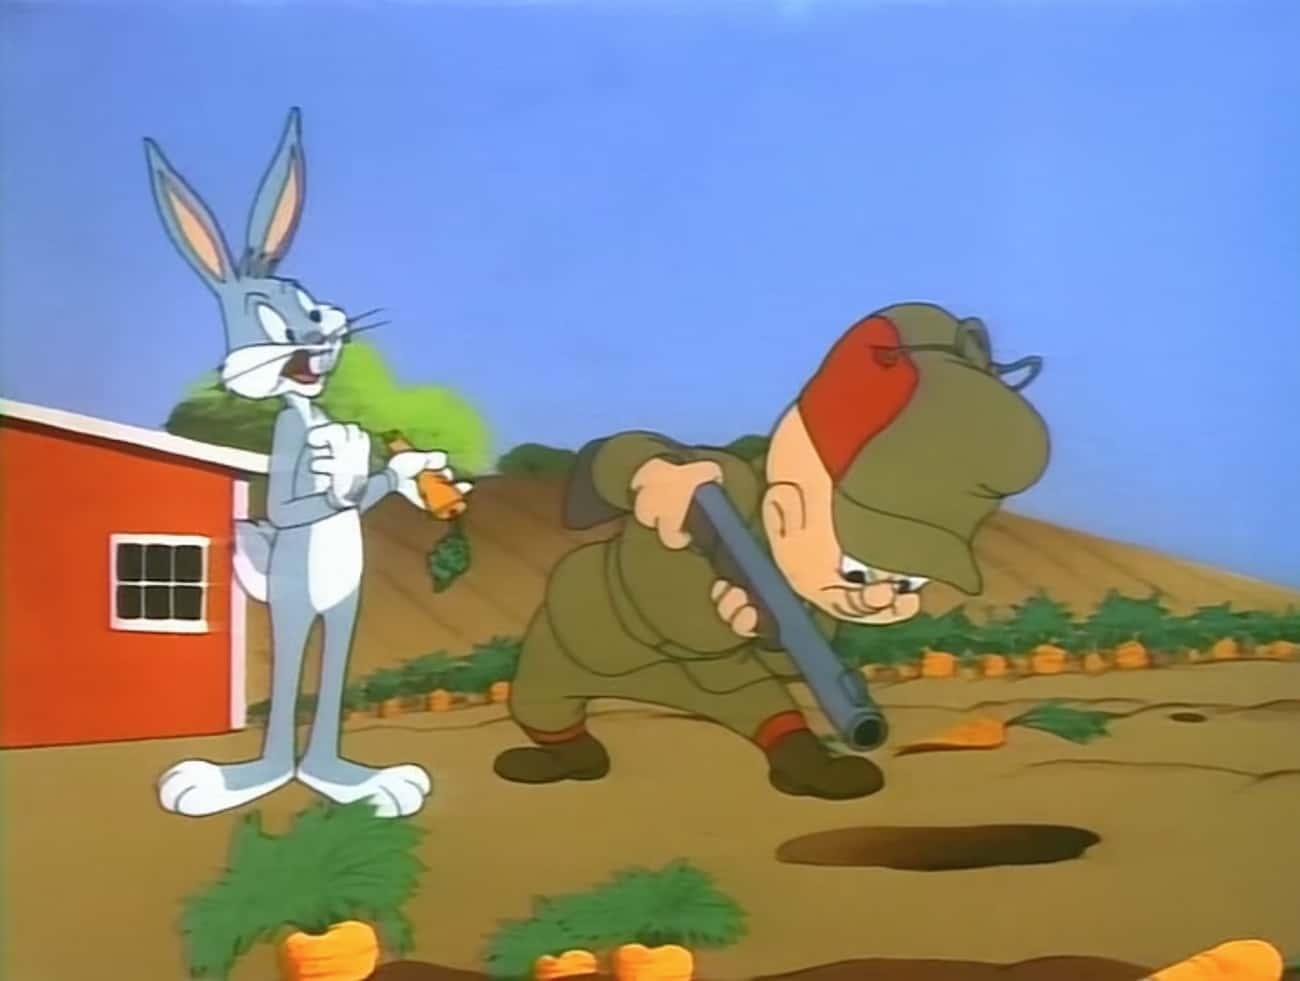 The Bugs Bunny Vs. Elmer Fudd Saga Is An Ongoing Story